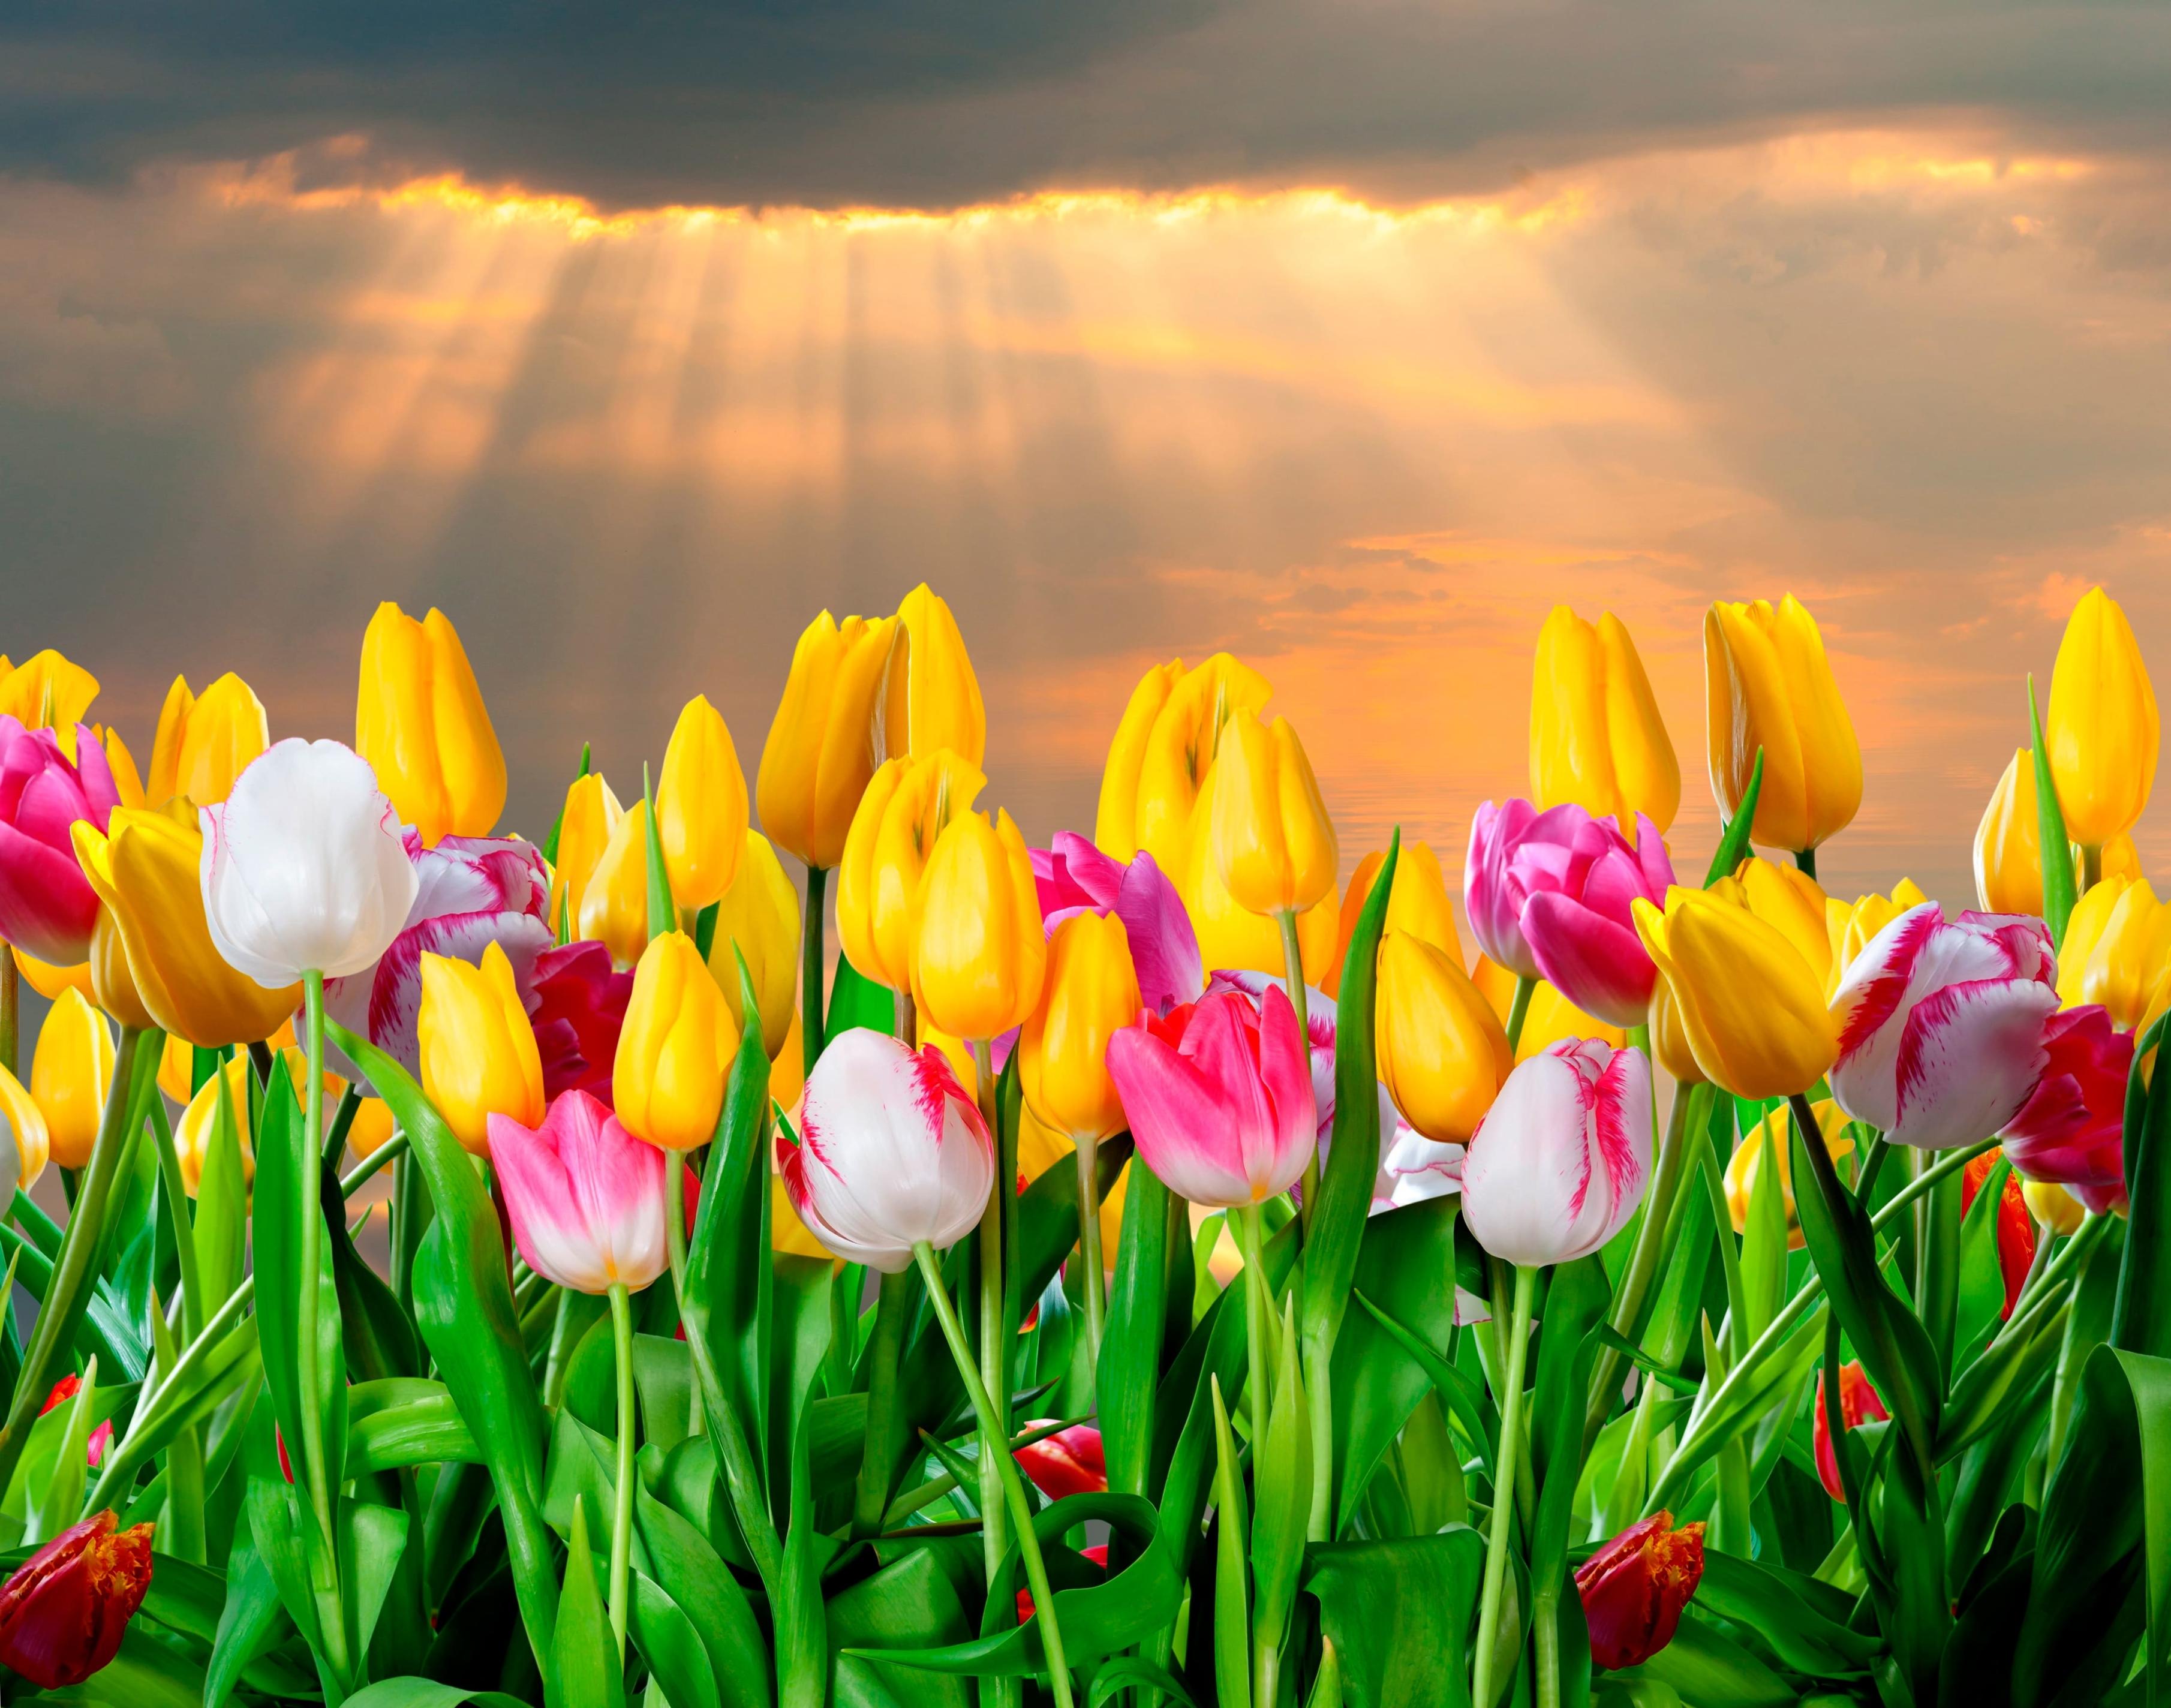 tulip-photo-19